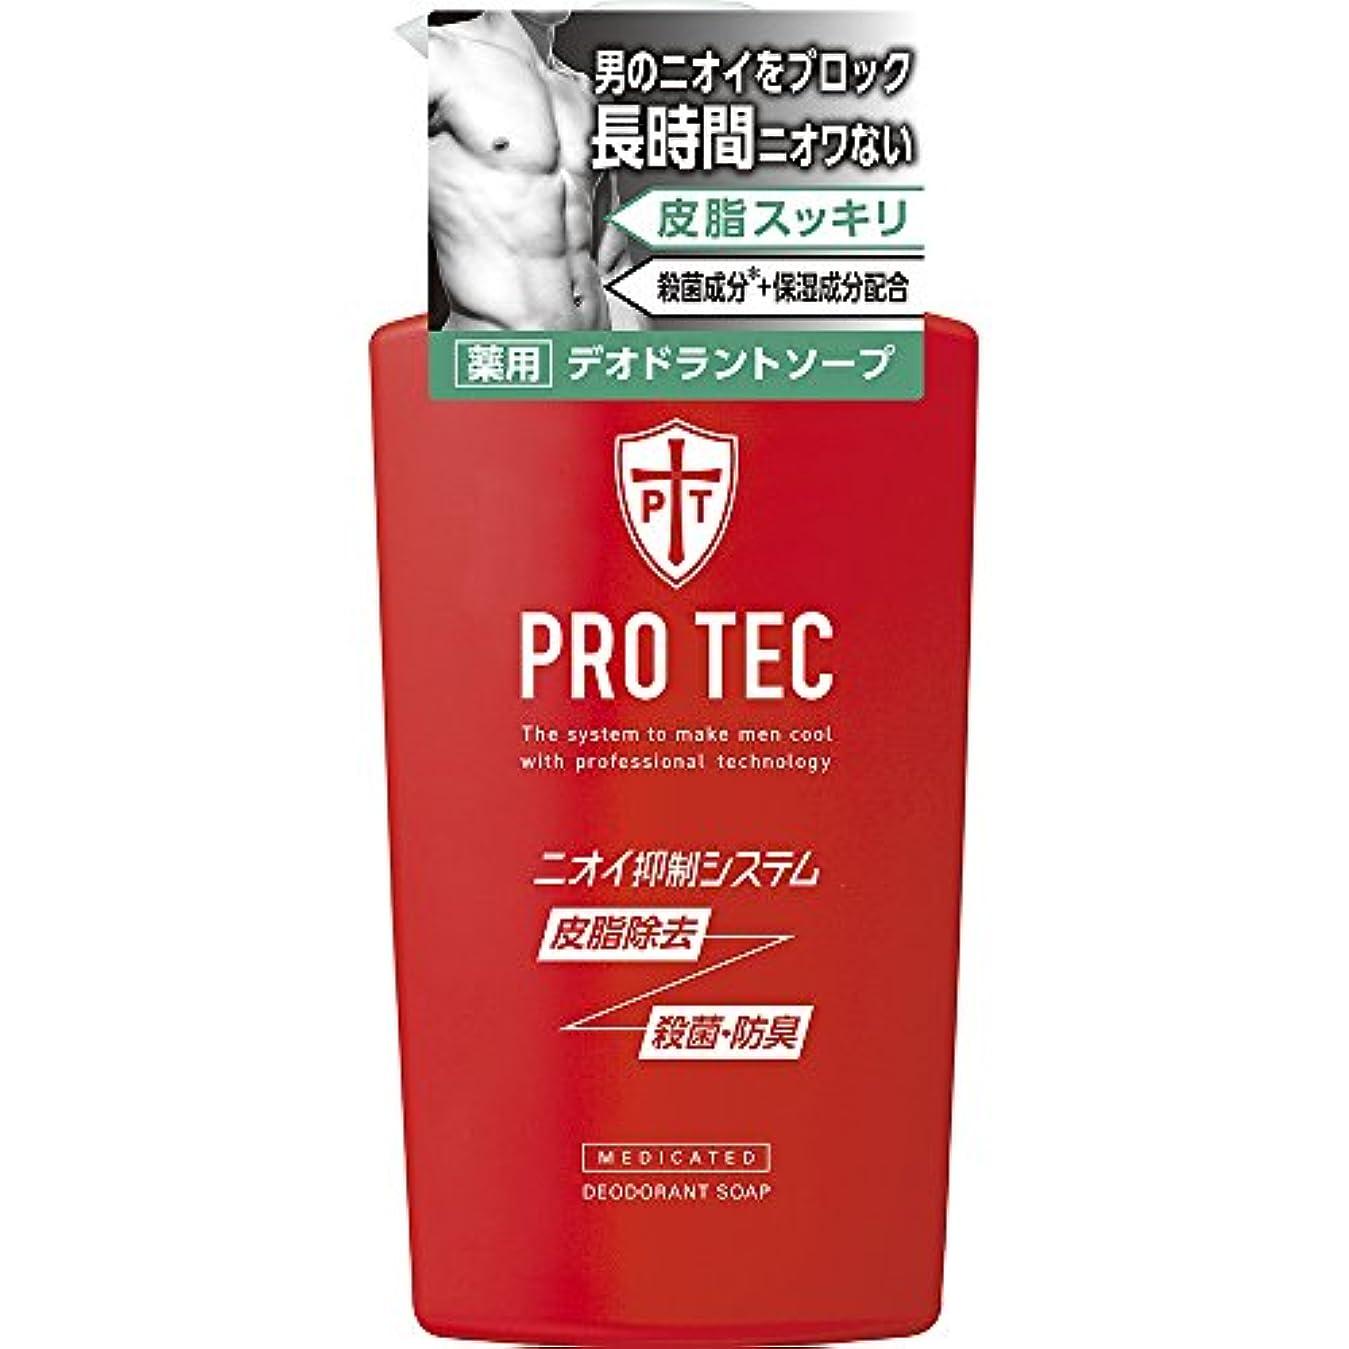 気がついて警告緩やかなPRO TEC(プロテク) デオドラントソープ 本体ポンプ 420ml